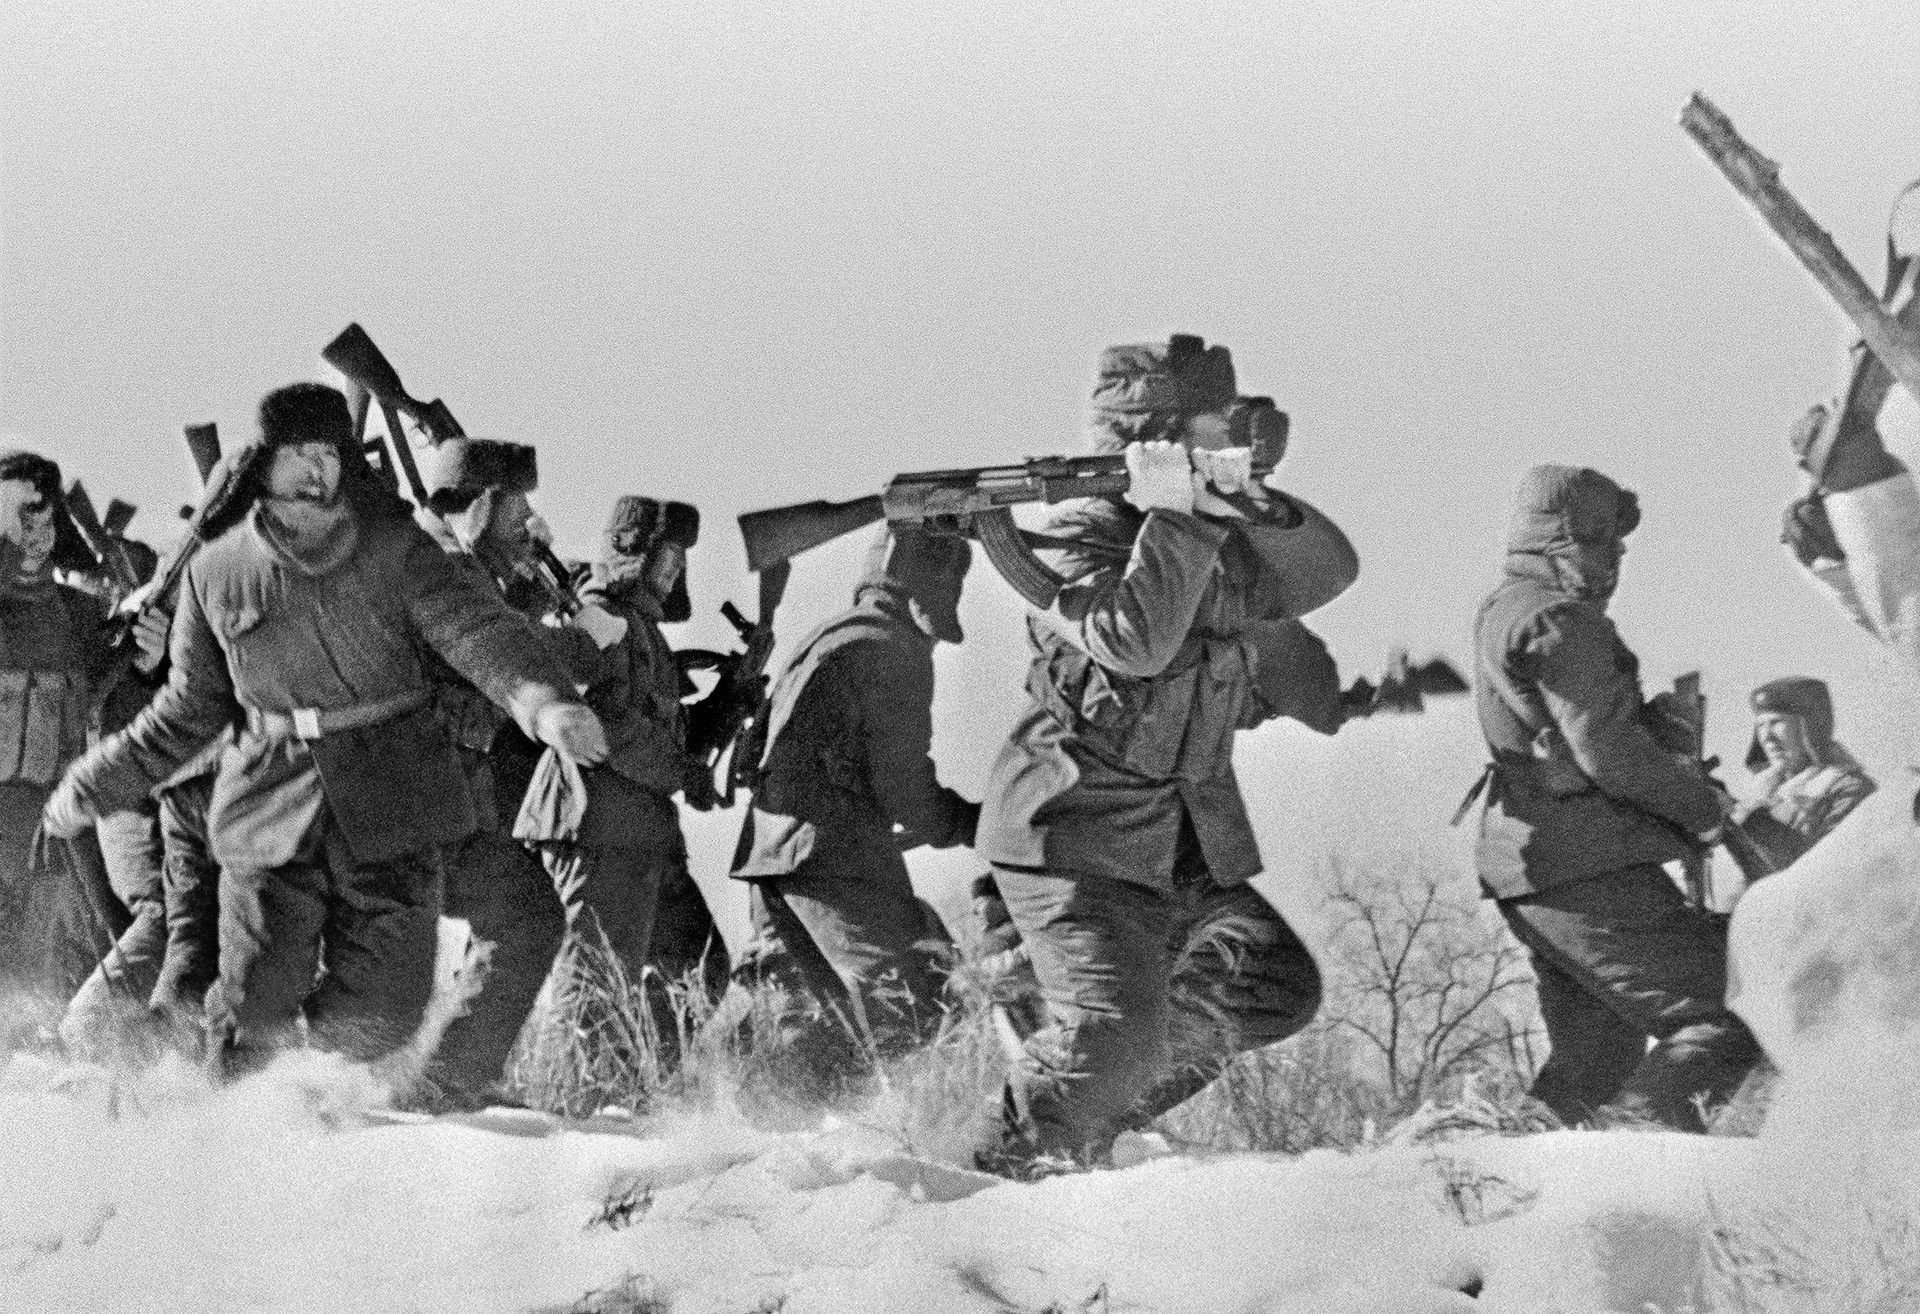 Совјетско-кинески погранични конфликт 1969. године. Одред кинеских војника покушава да се пробије на острво Дамански на територији СССР-а.